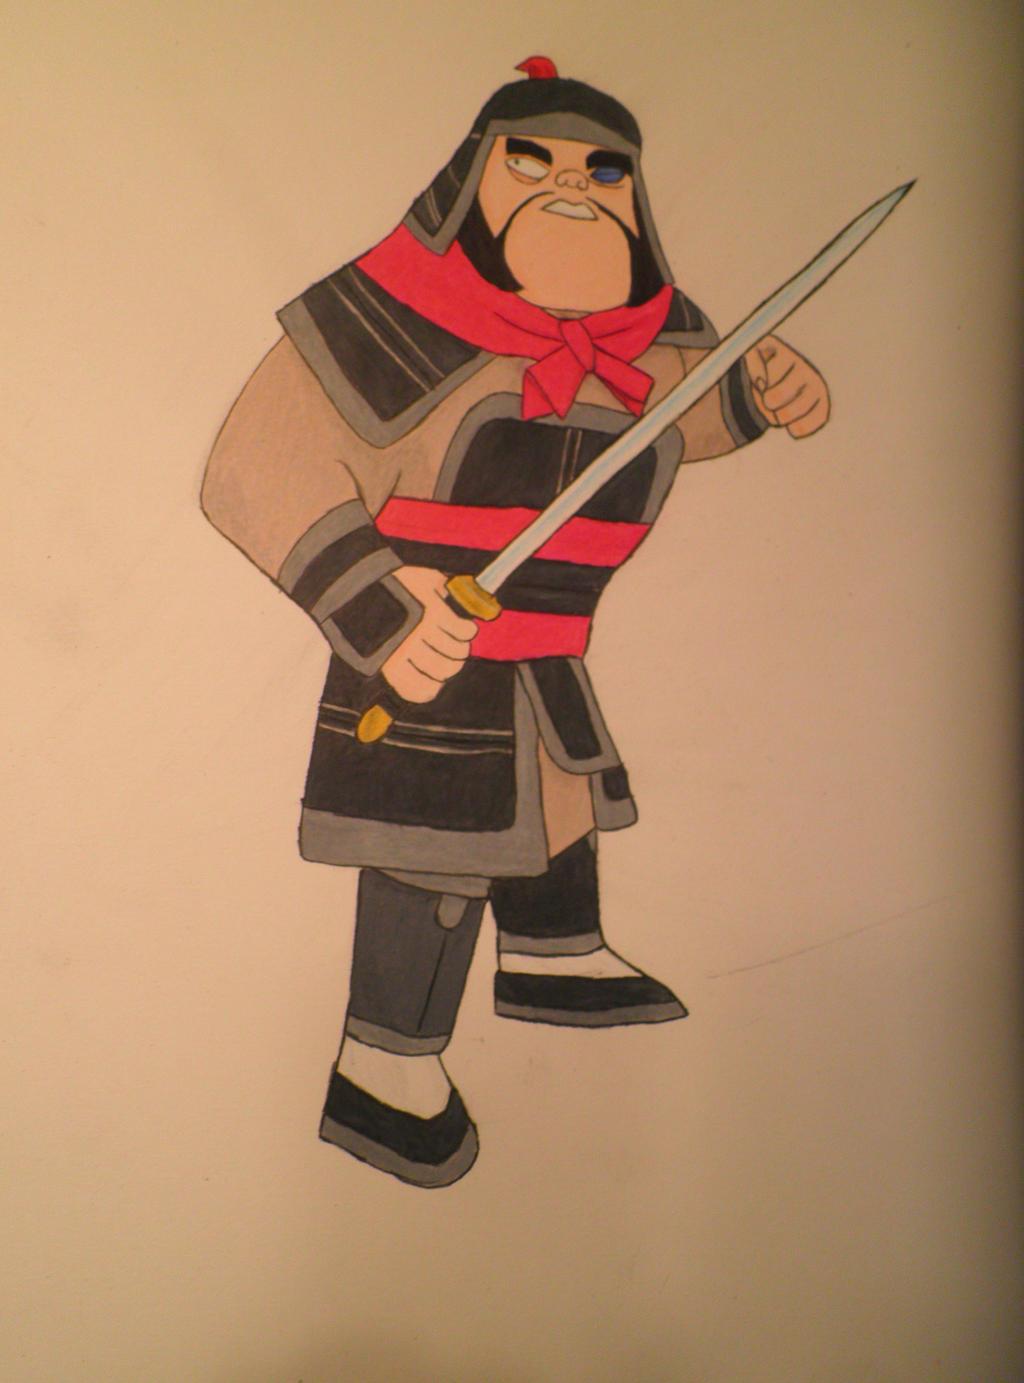 Yao From Mulan By Sakuras Light On Deviantart